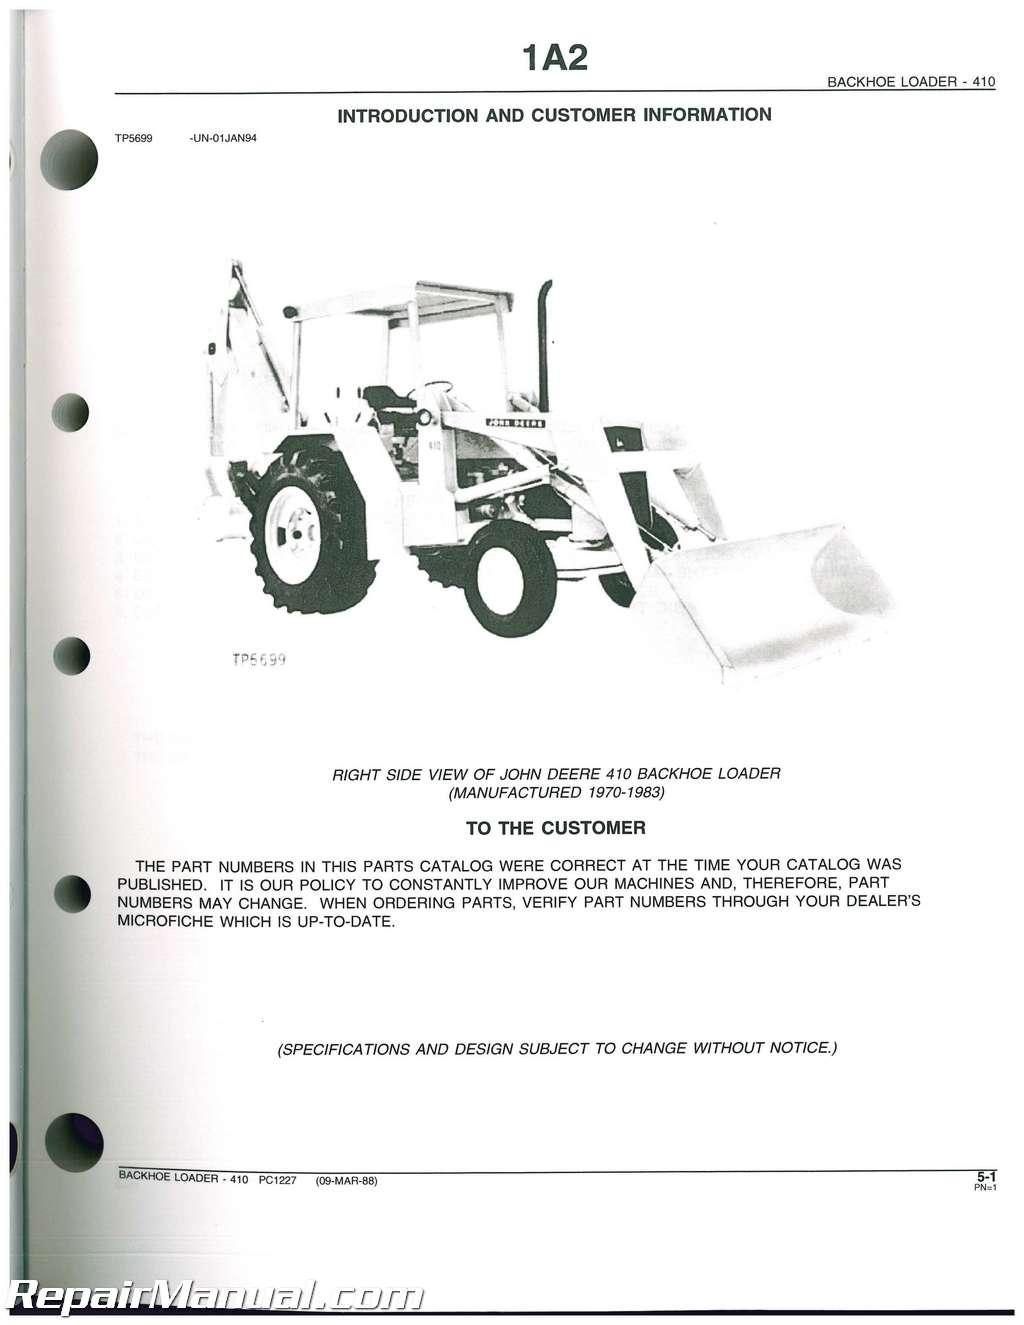 john deere 410 loader backhoe parts manual rh repairmanual com 410 John Deere Operator Manual 410 John Deere Owner's Manual